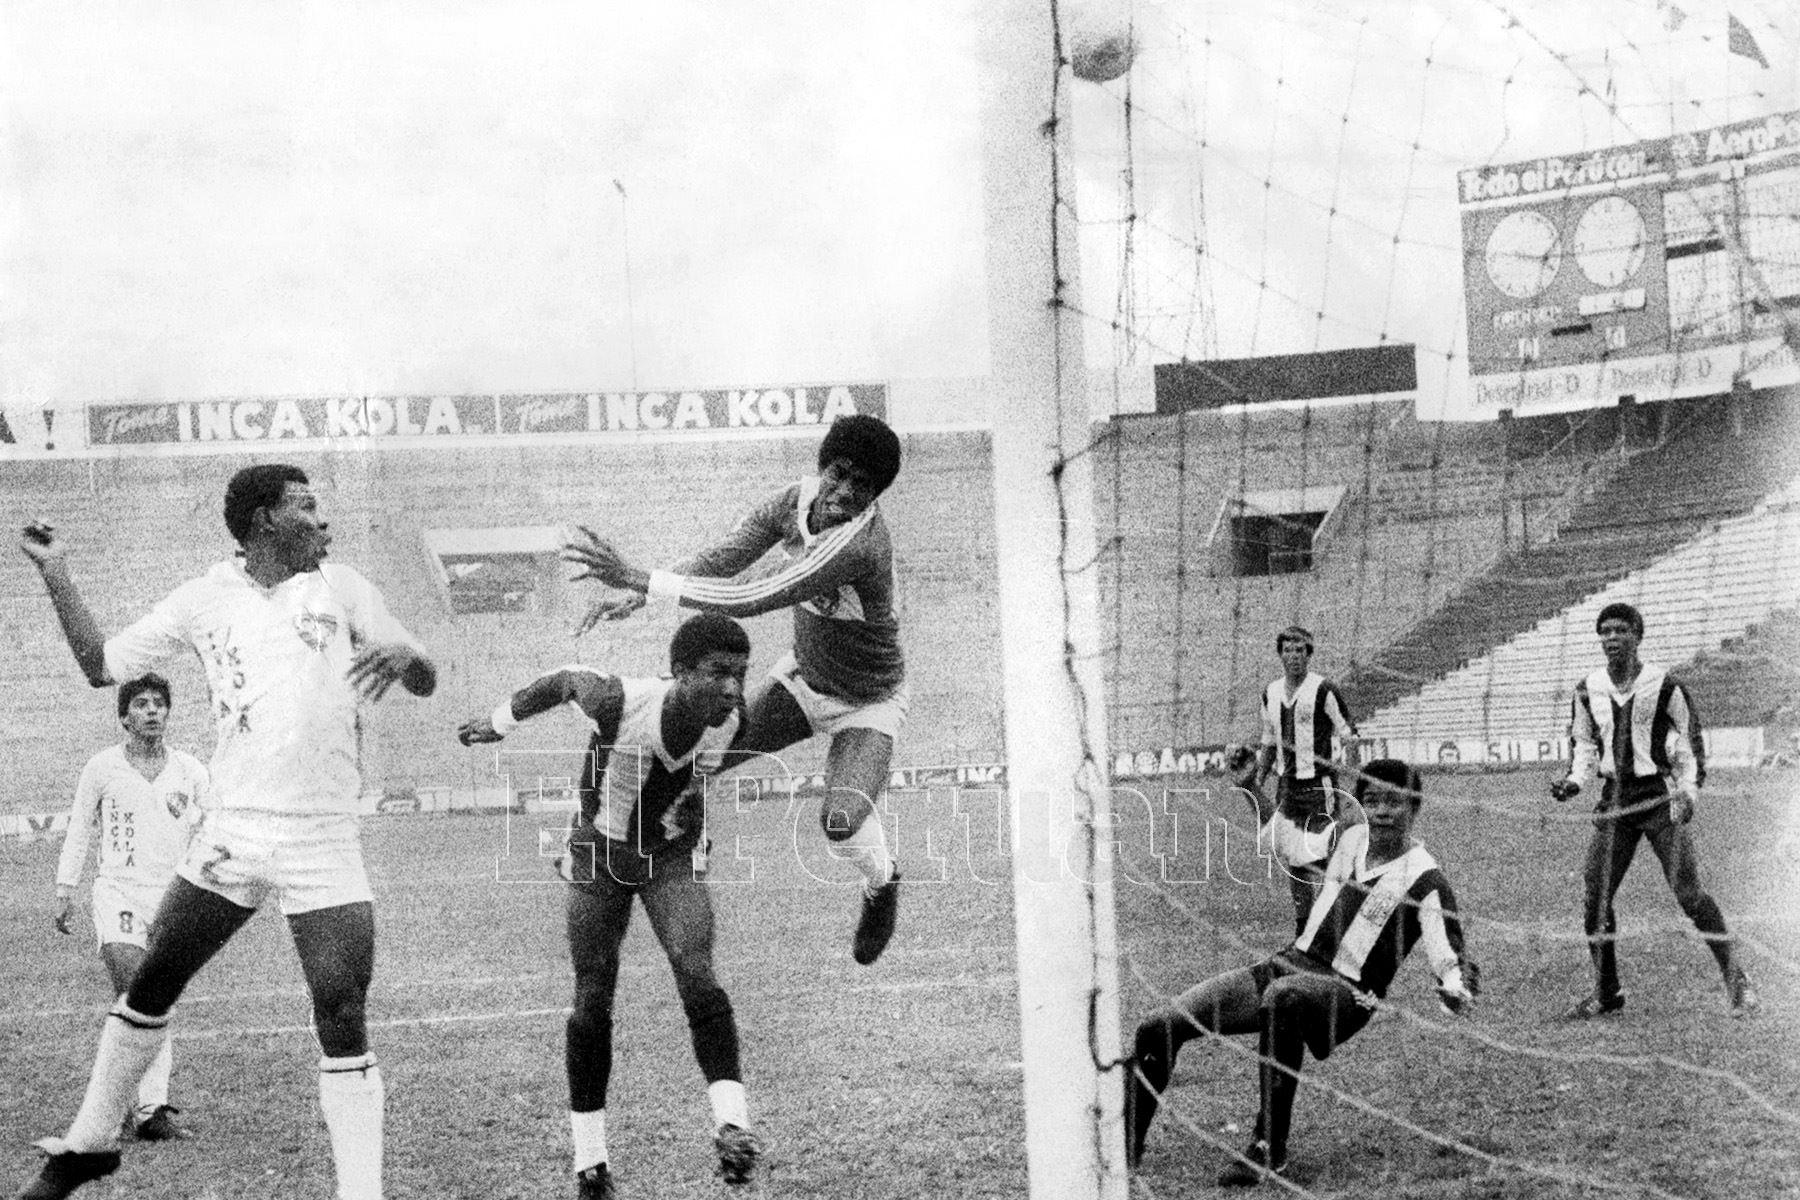 Lima - 16 agosto 1986 / Preciso instante en el que Luis Escobar le anota un gol al CNI de Iquitos por el torneo descentralizado.